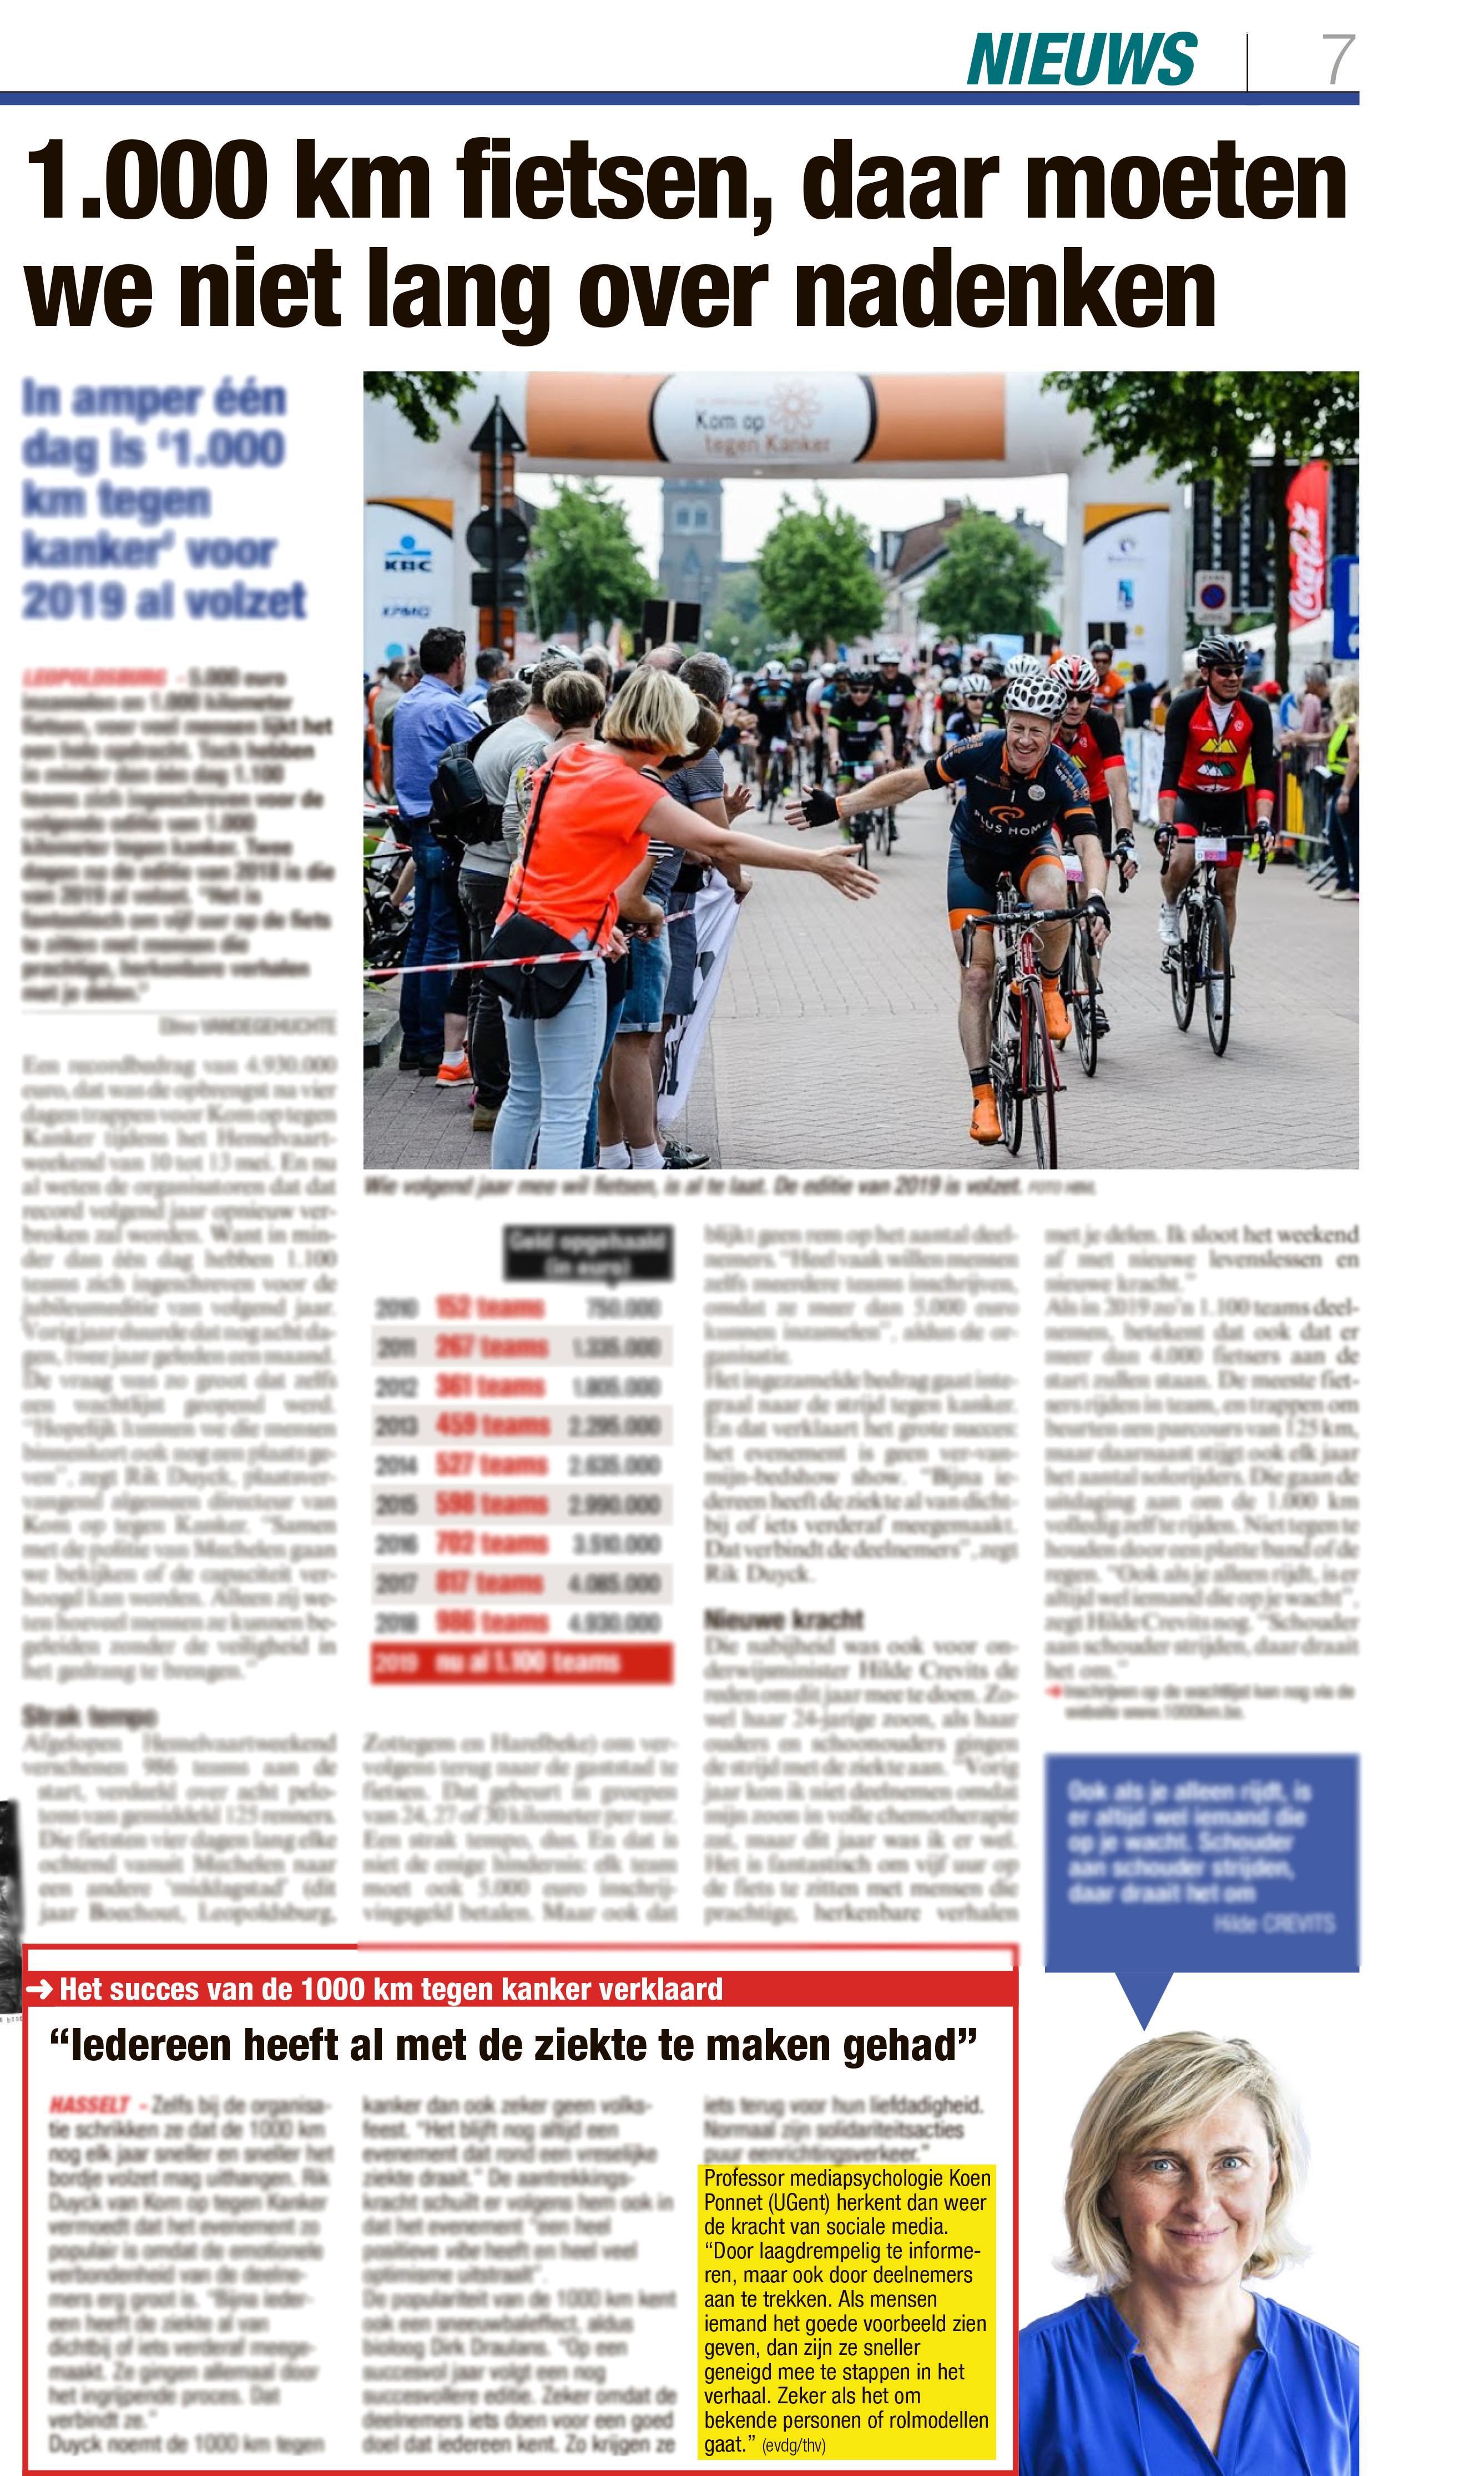 BRON: Het Belang van Limburg, 16/05/2018, p 7